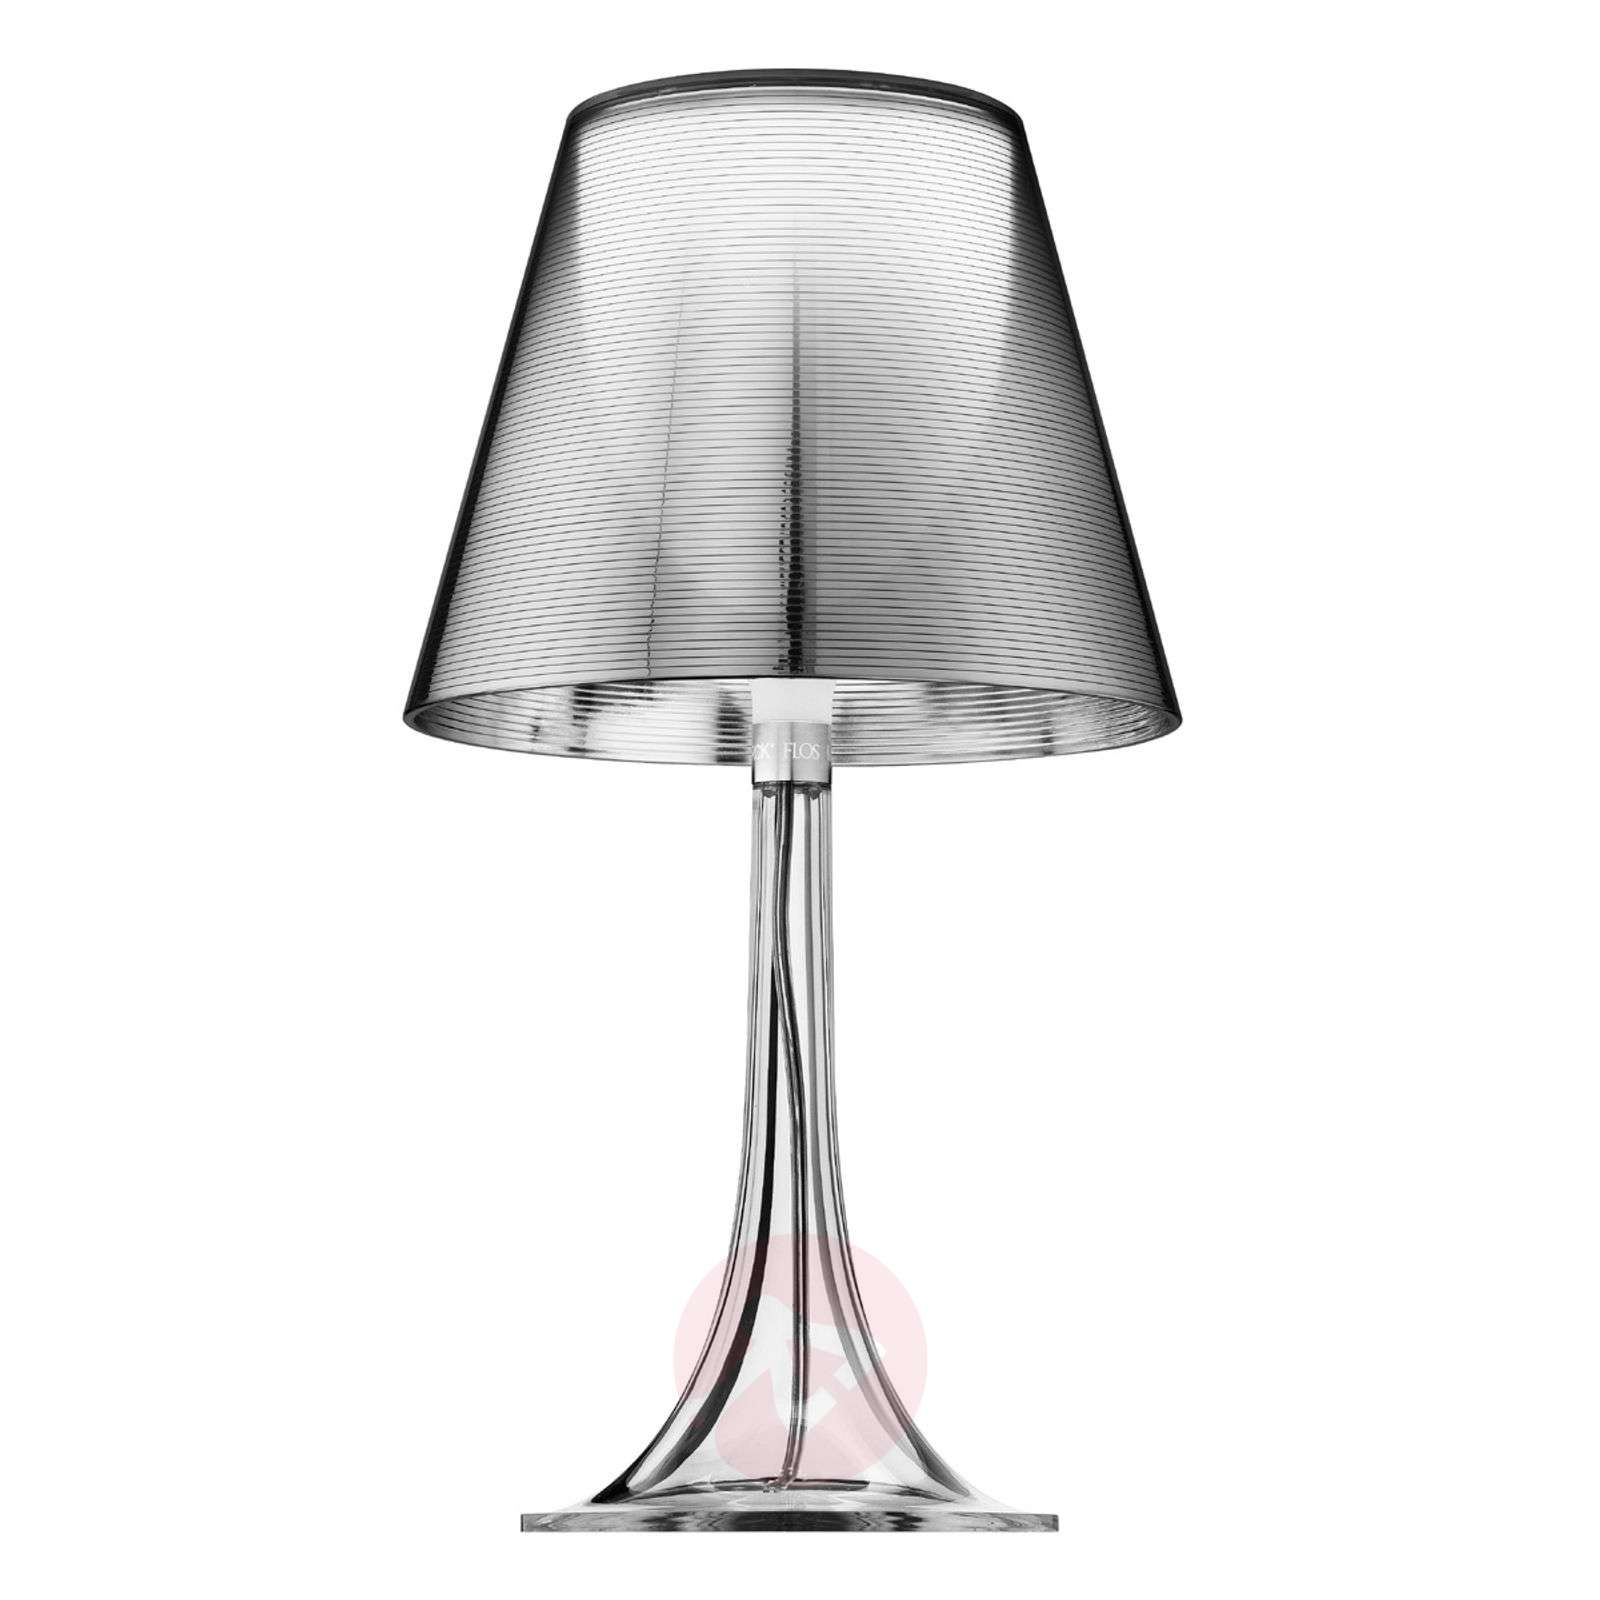 Retrodesign-pöytävalaisin MISS K, hopea-3510015-02